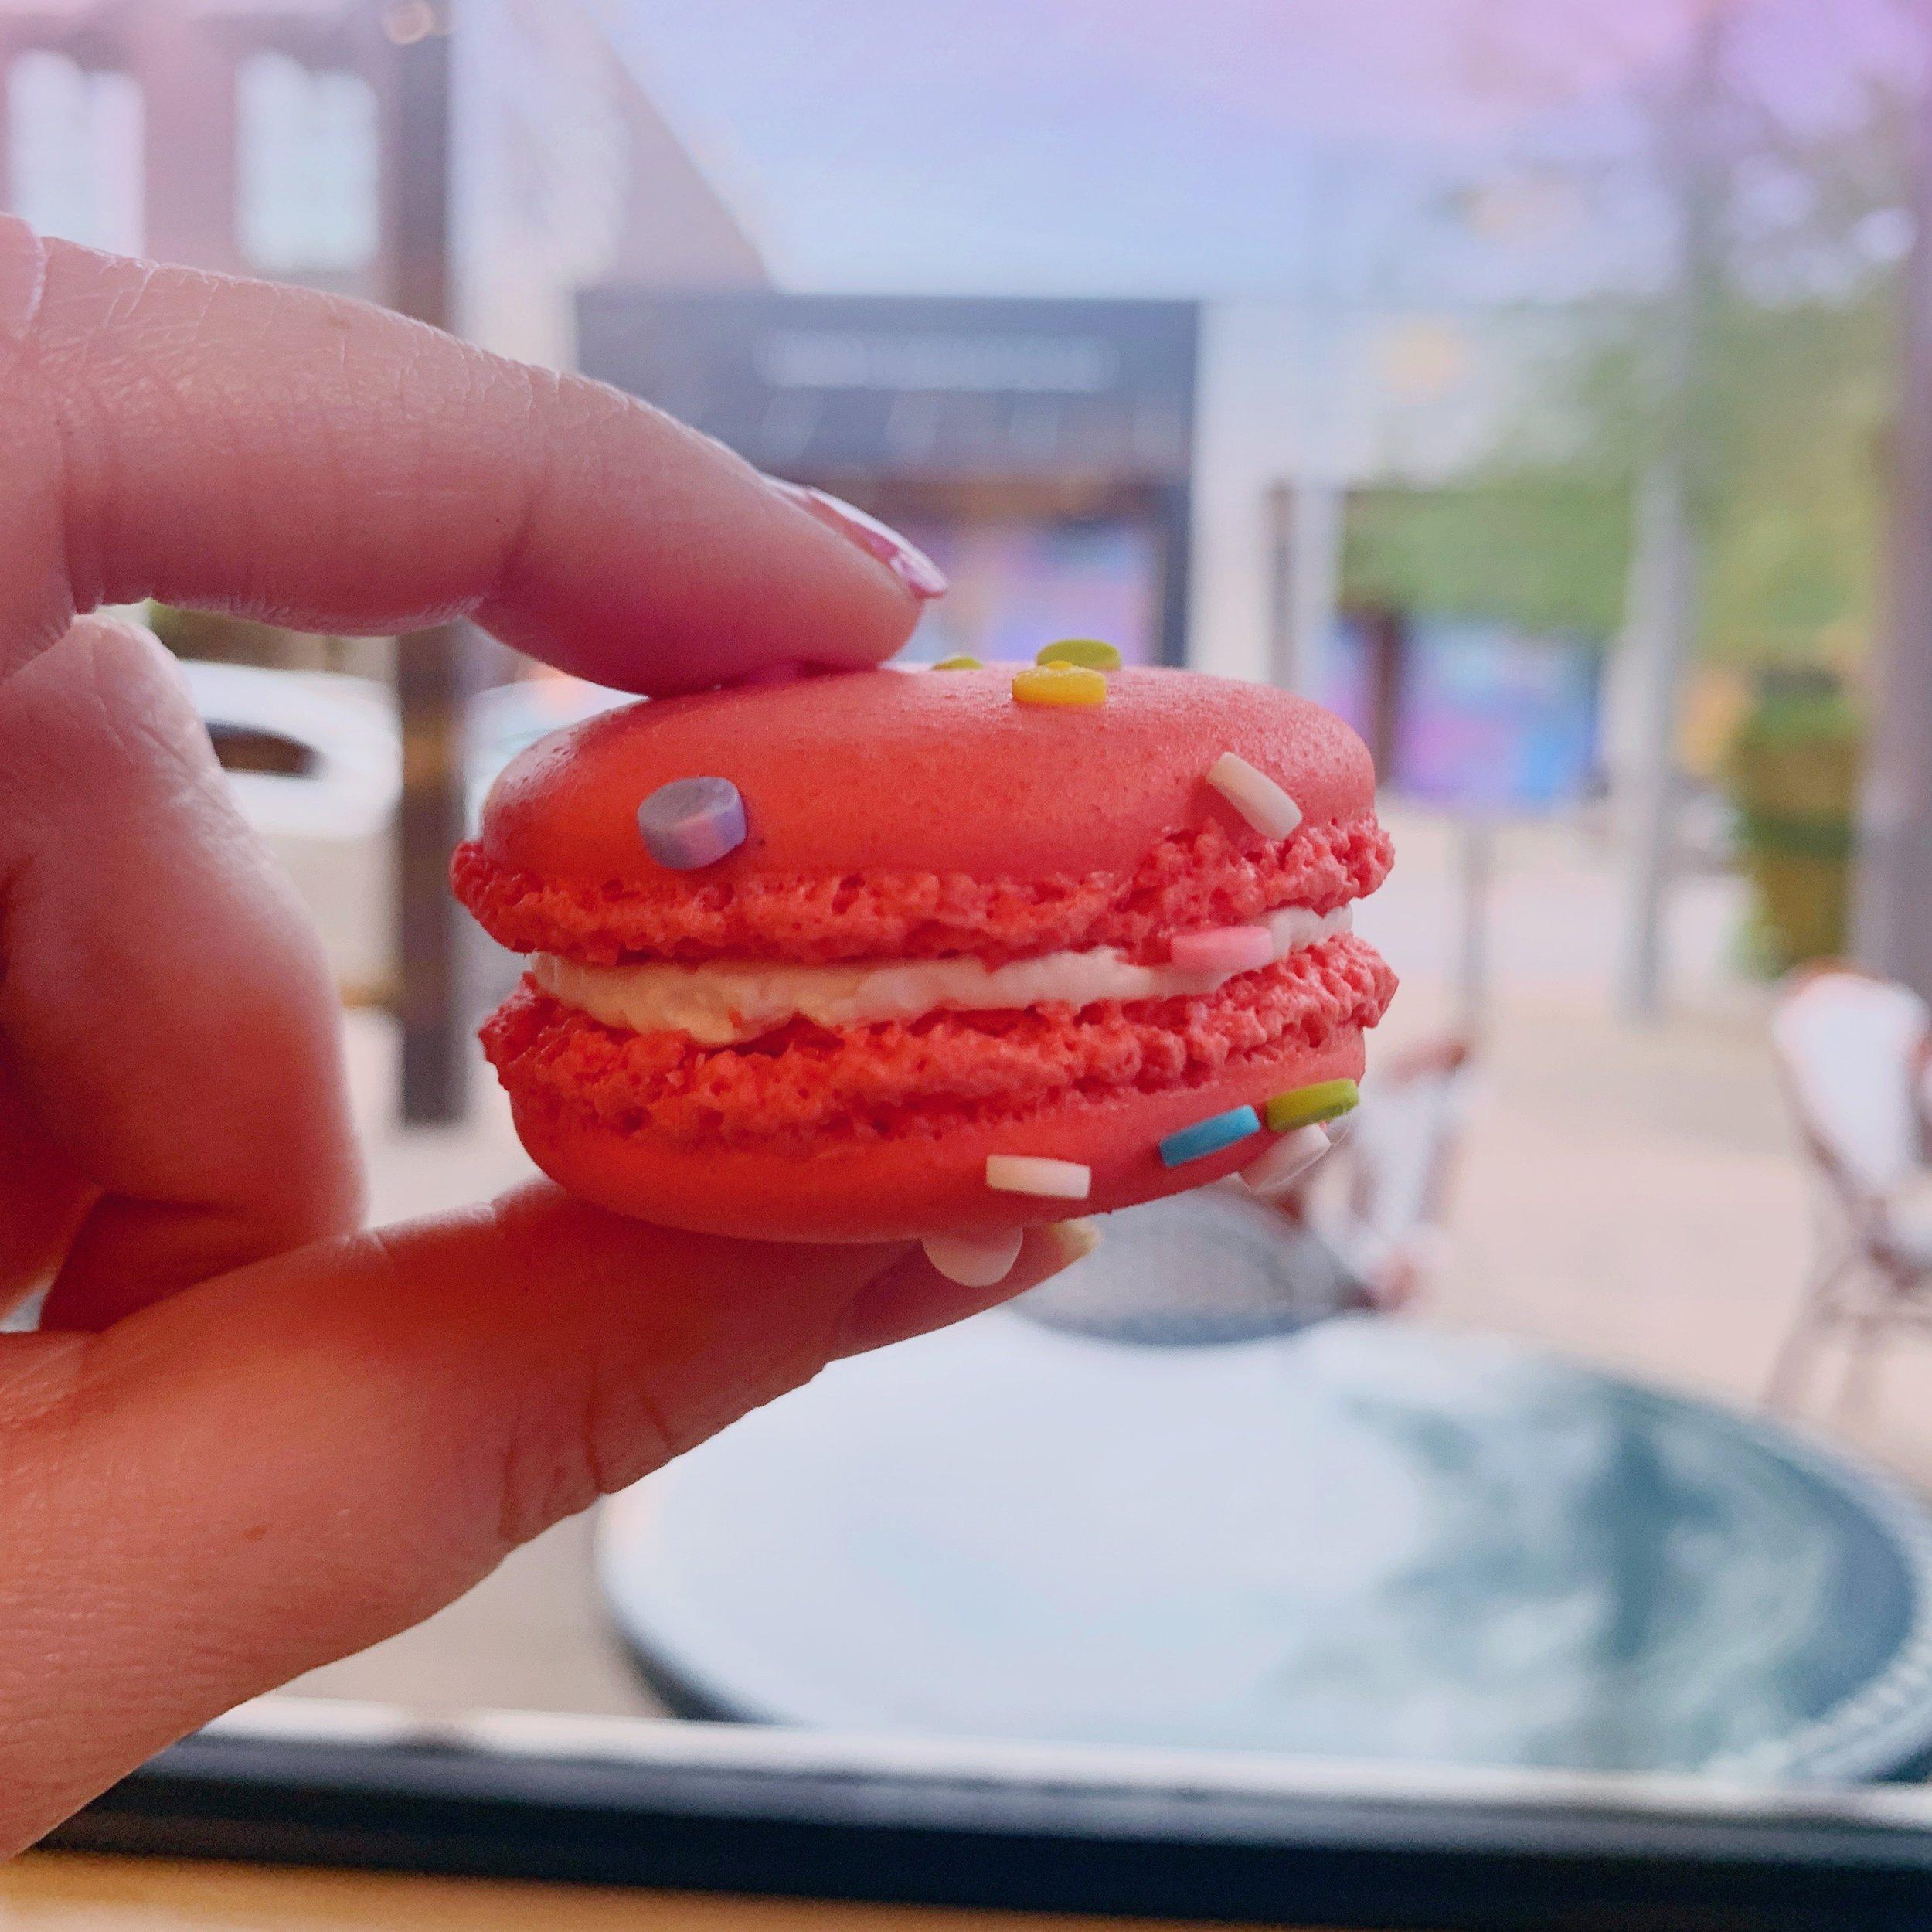 ginger me glam bakery lorraine taste testing1.JPG